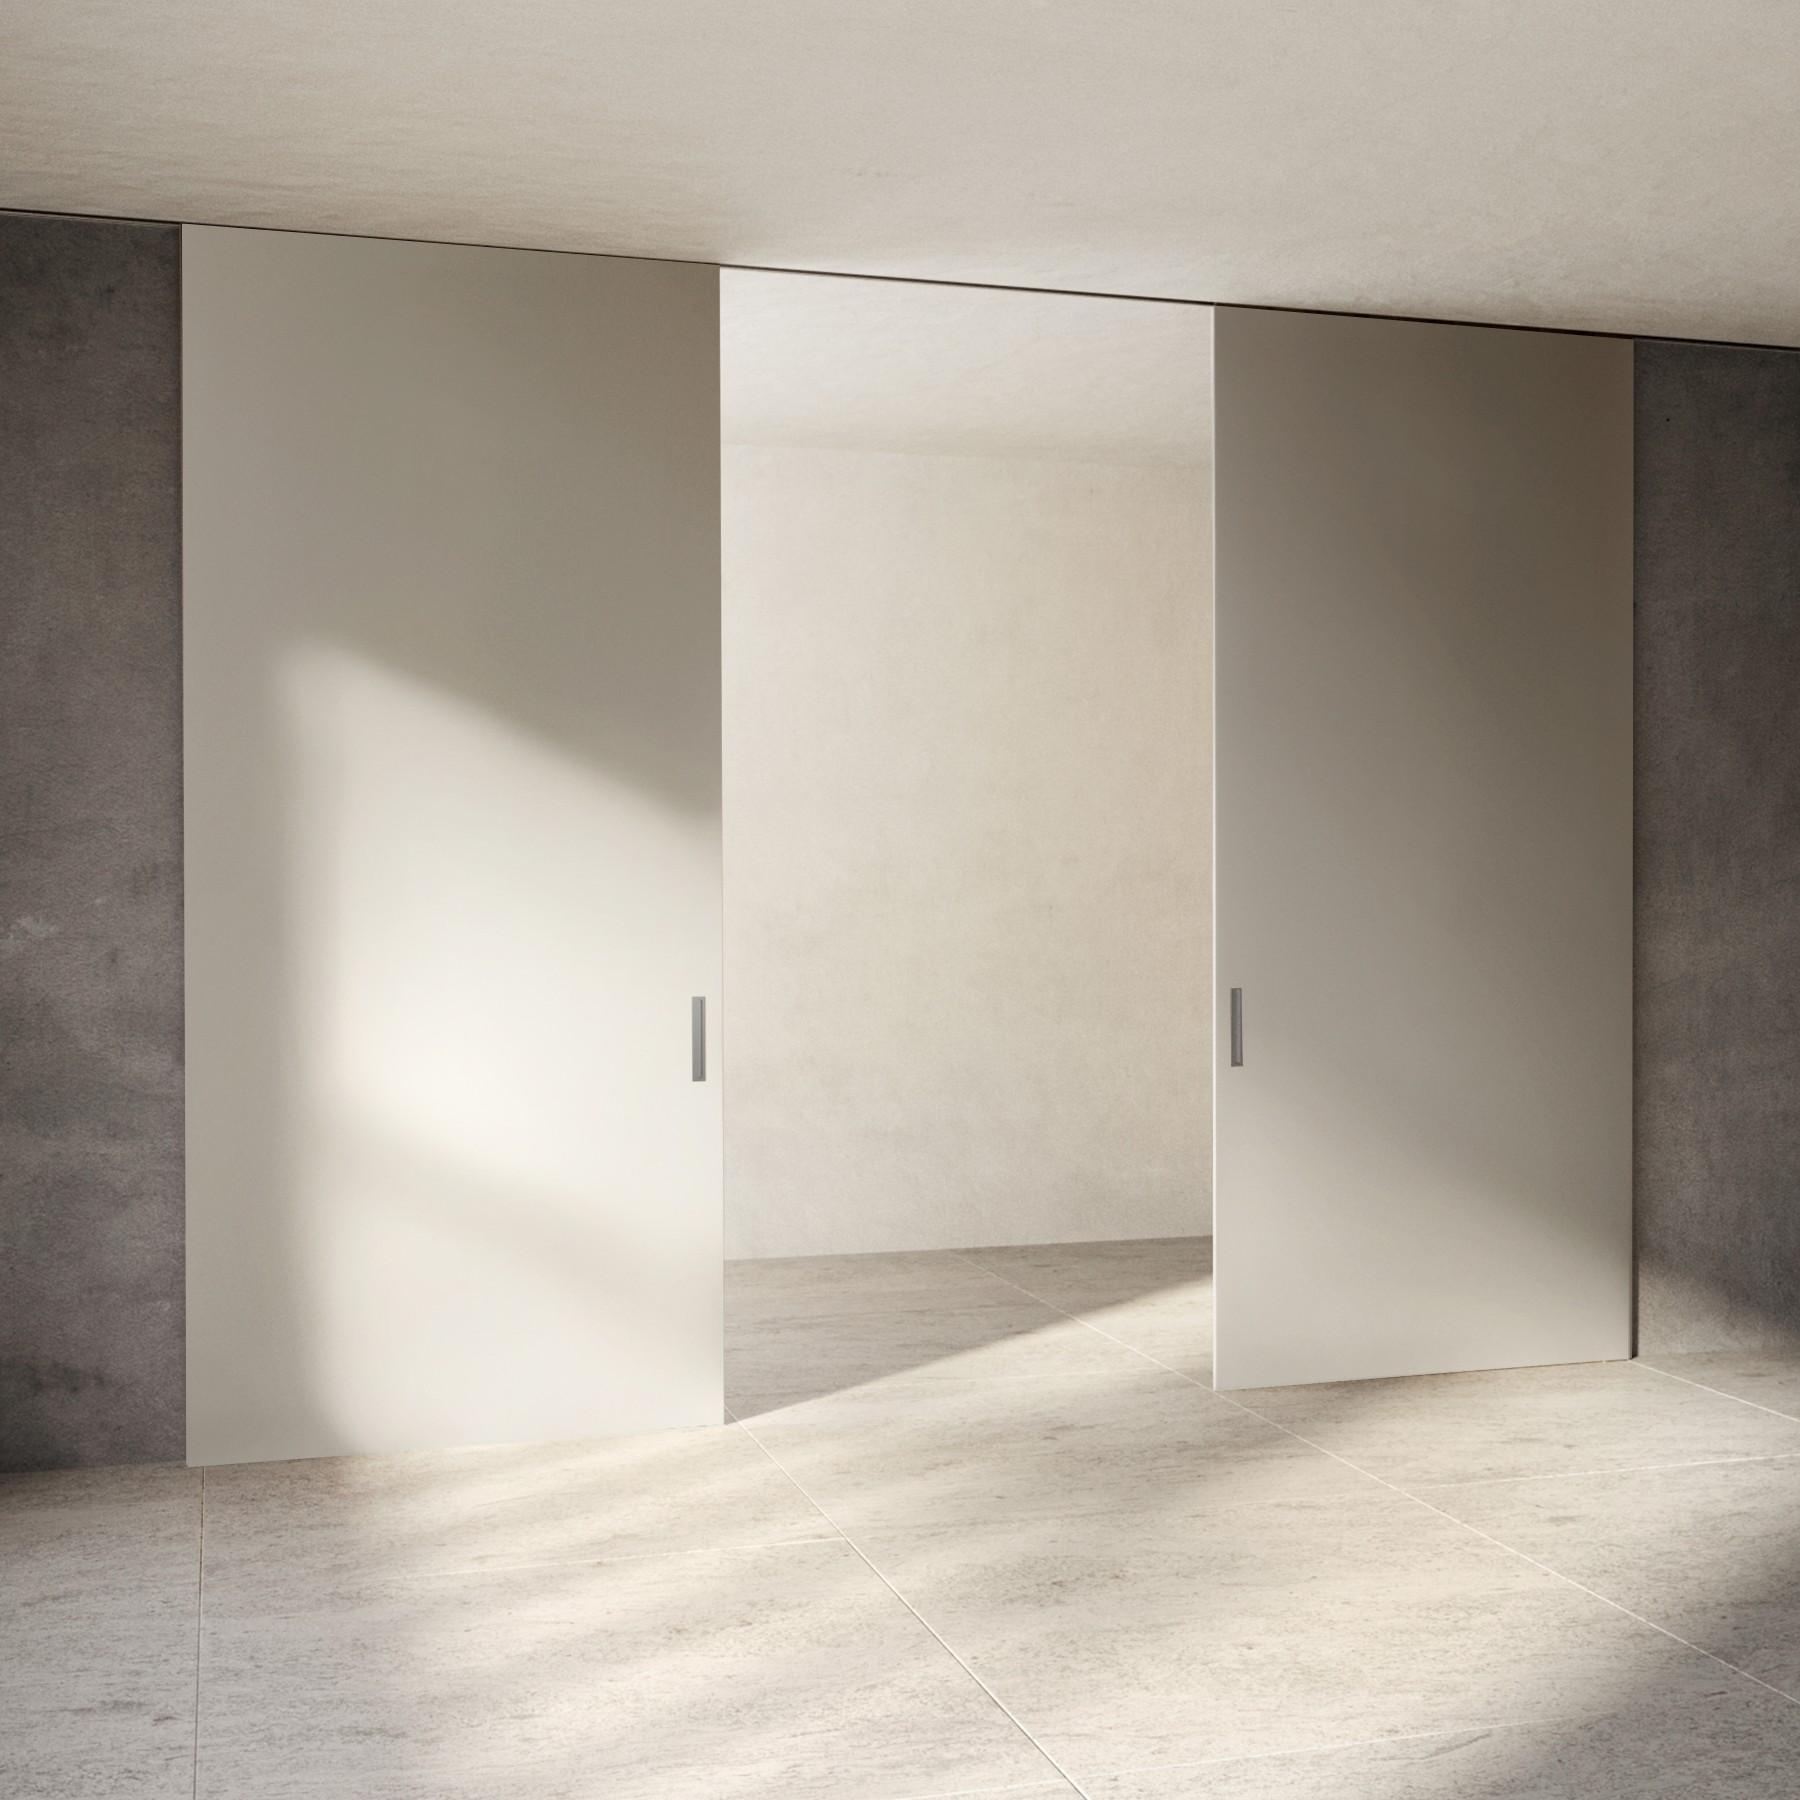 Scenario Lignum Exit grigio lux glossy